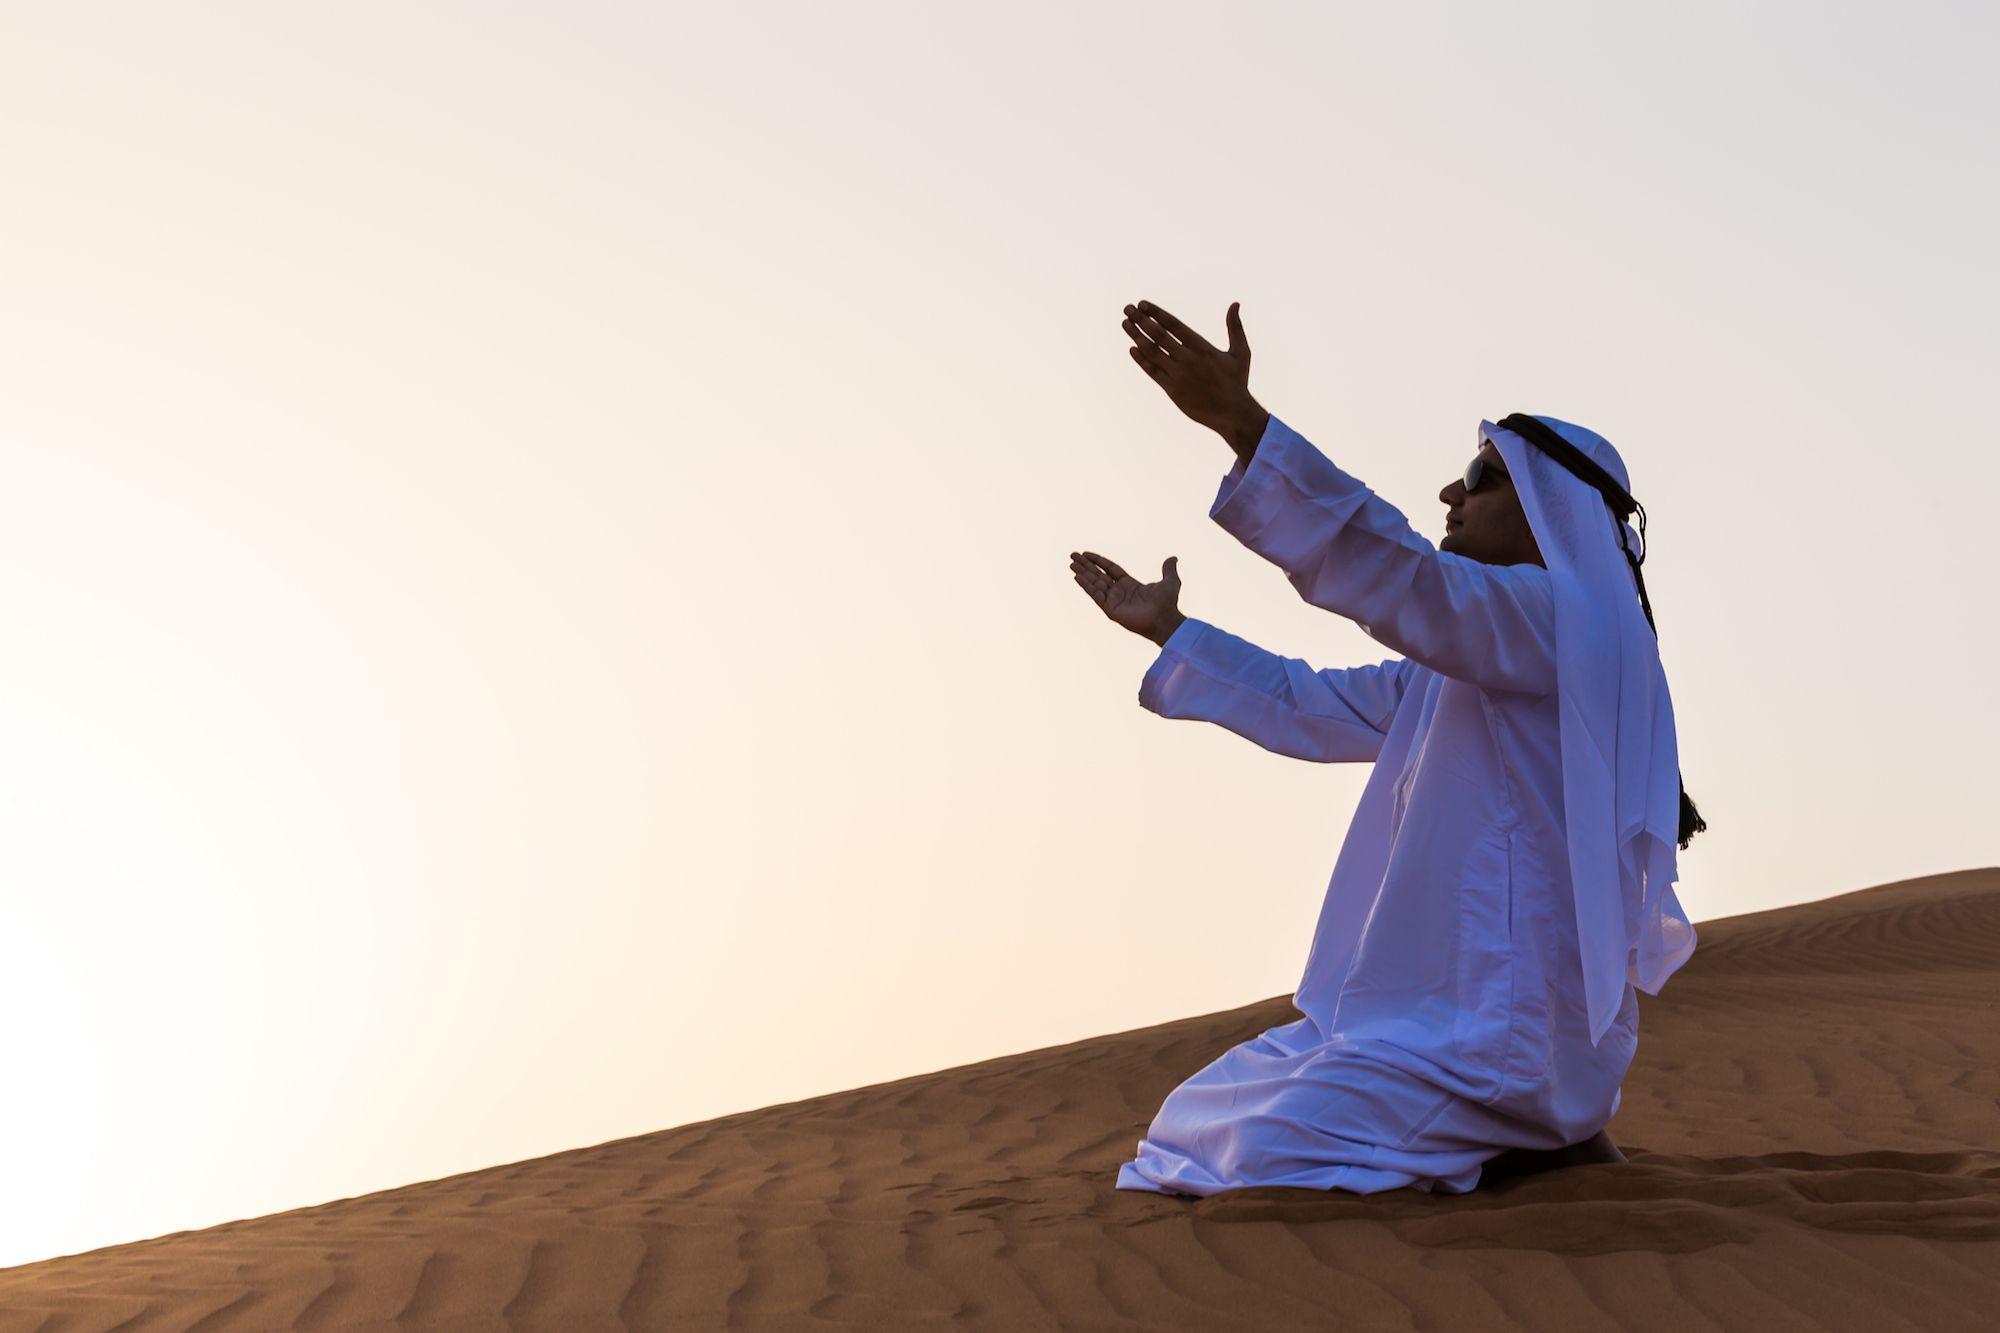 man praying in the desert